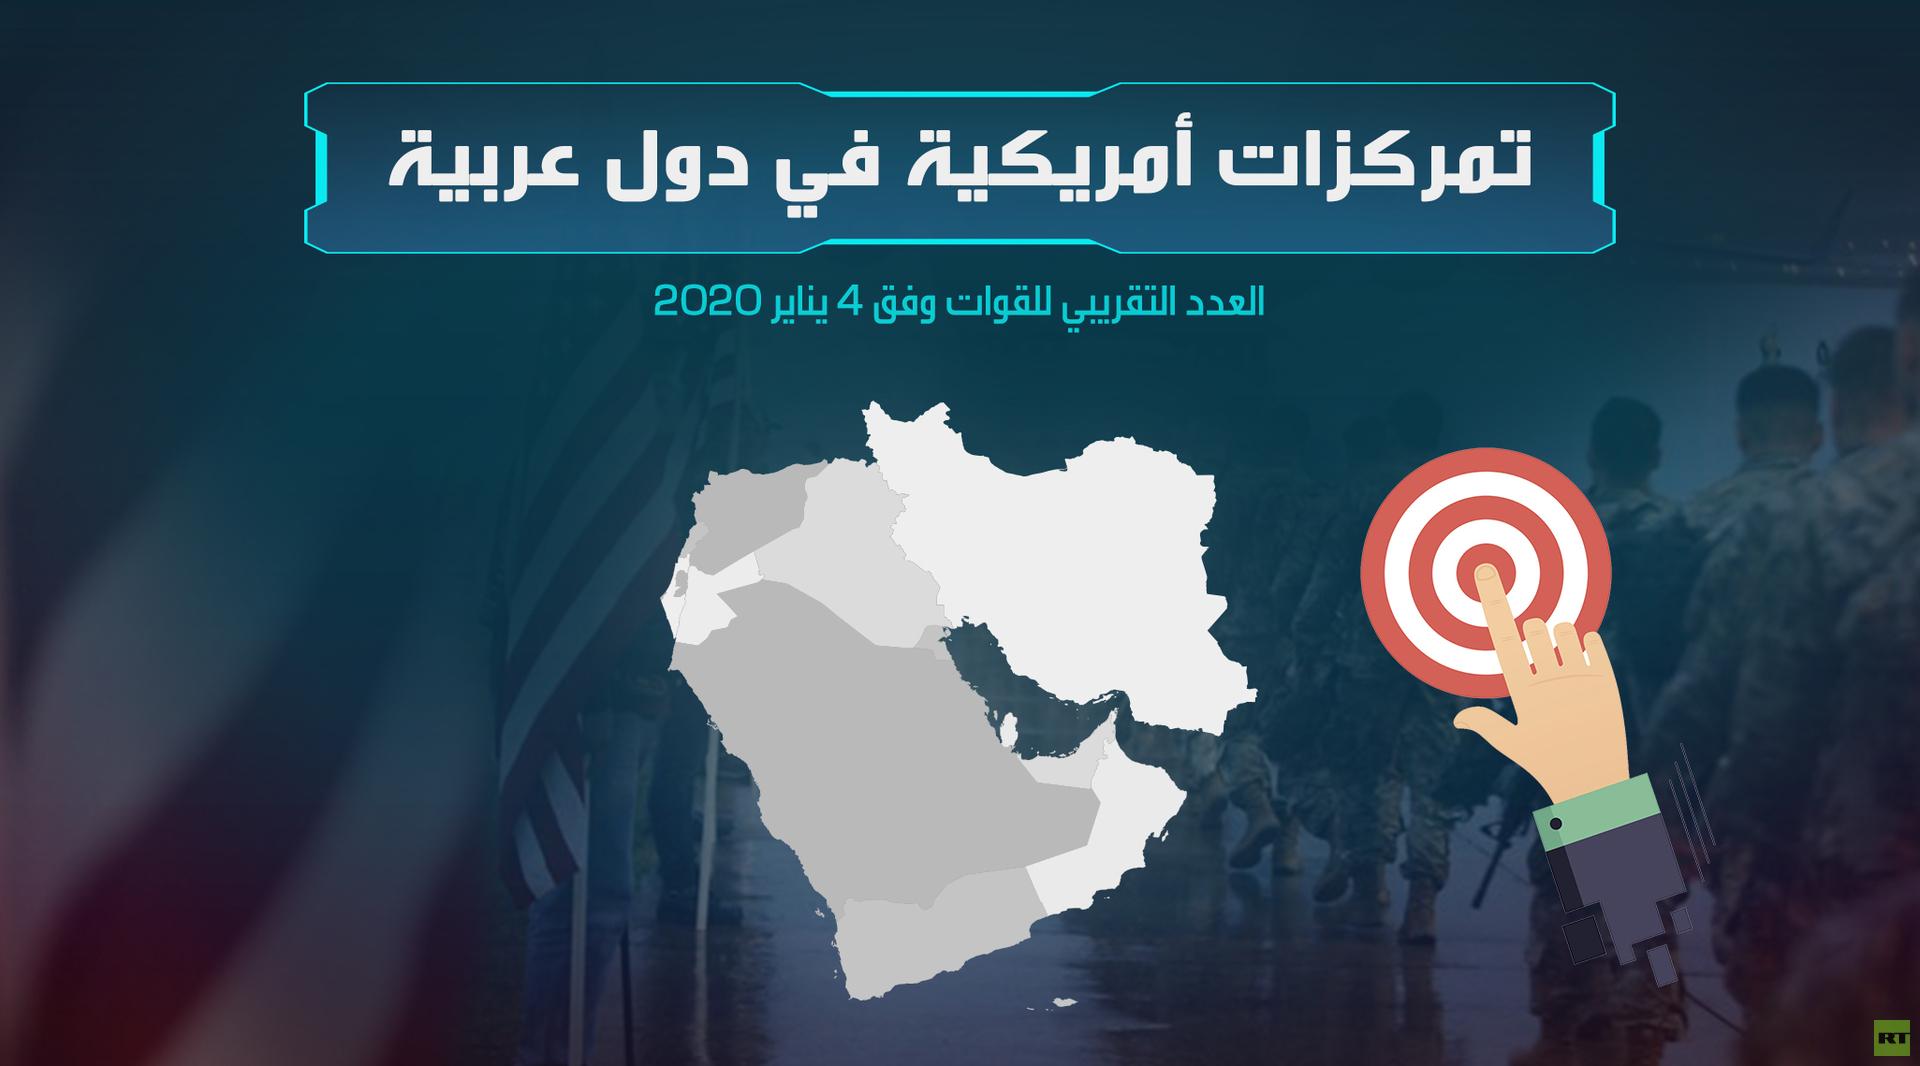 تمركزات عربية في دول عربية